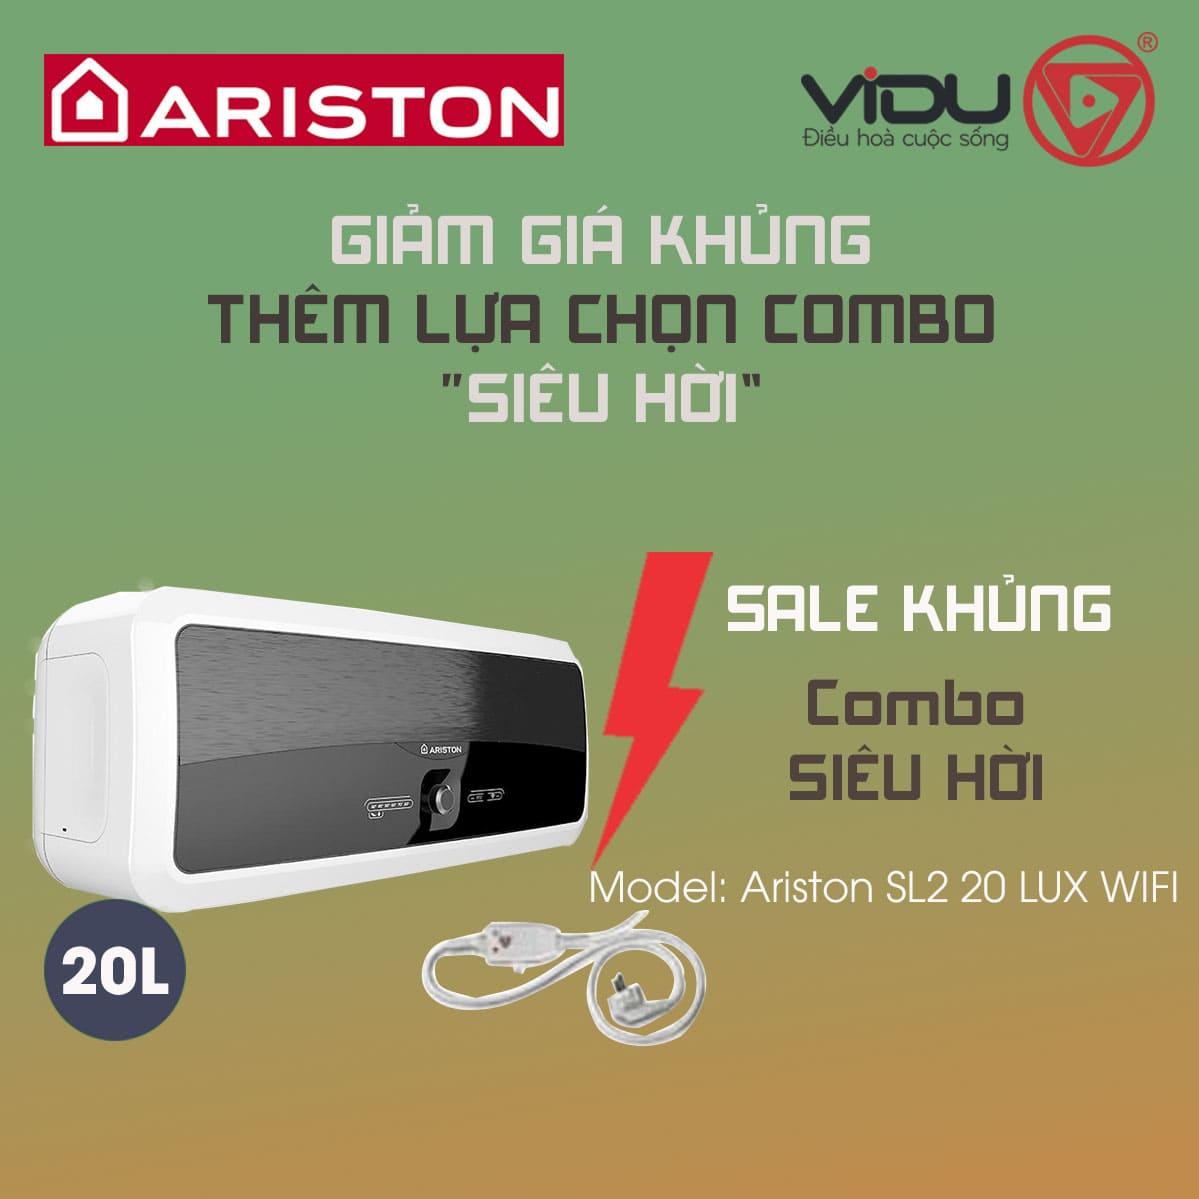 Bình nóng lạnh gián tiếp Ariston 20L SL2 20LUX WIFI